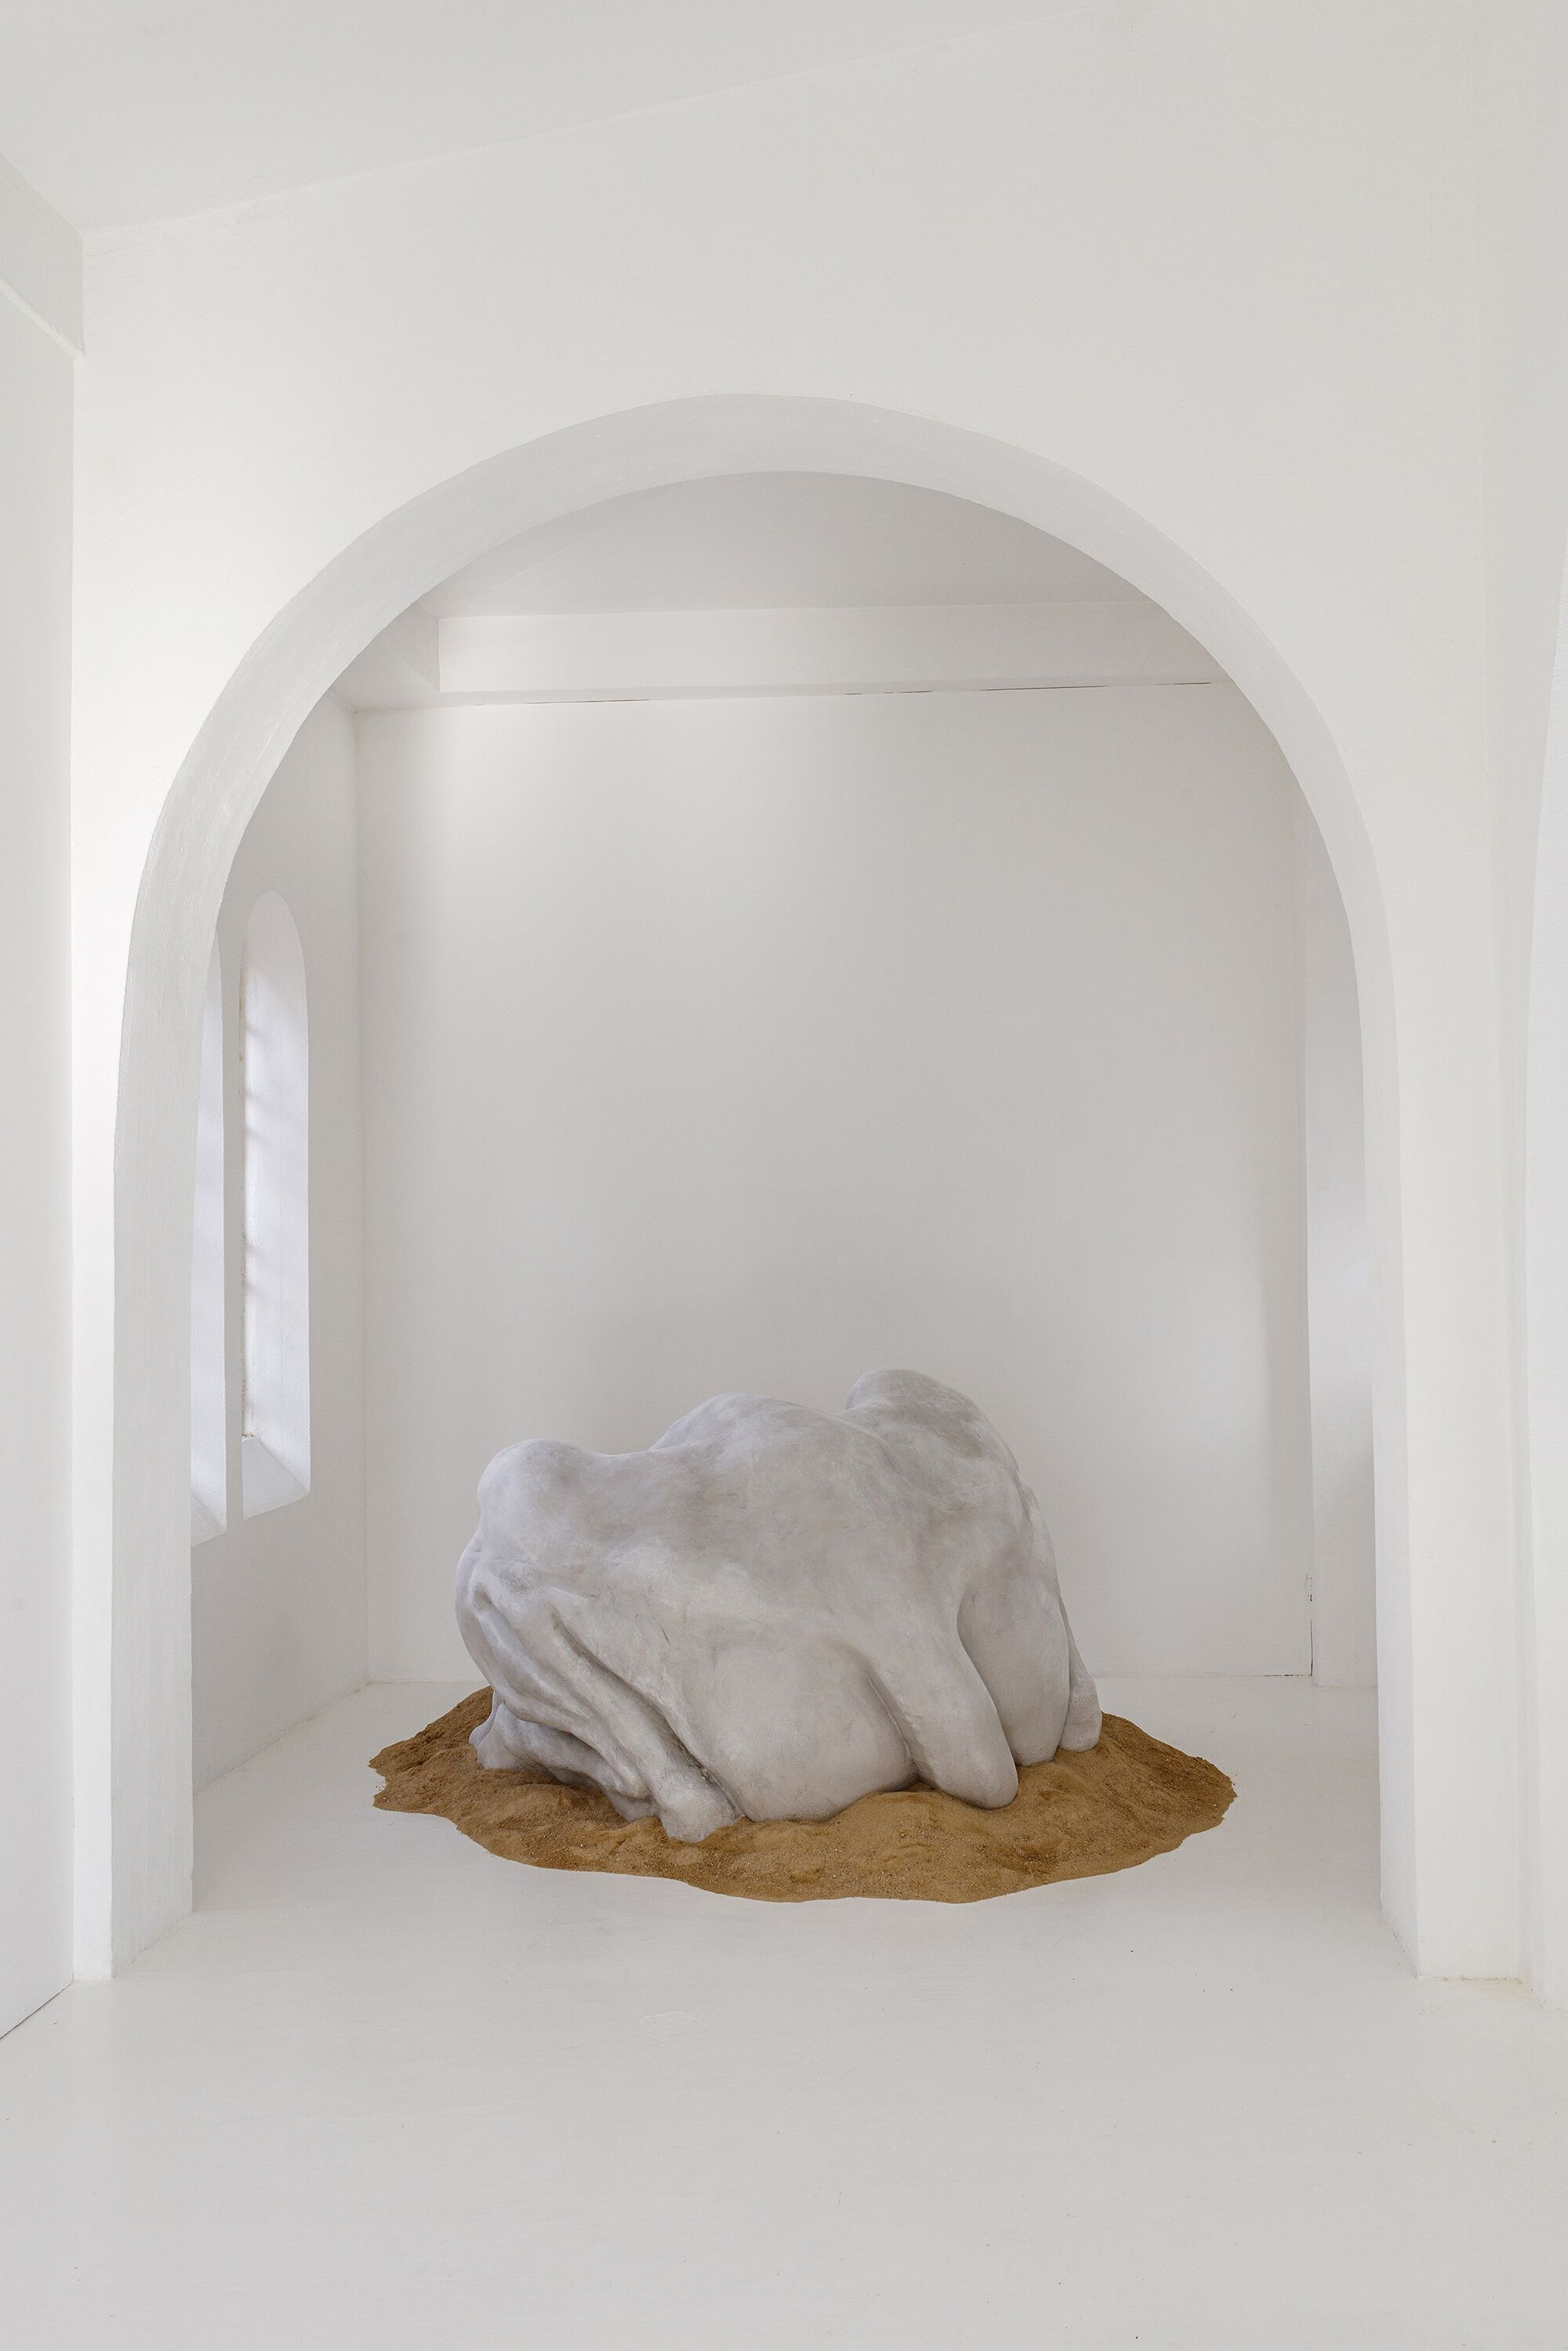 Зузанна Чебатул, Their New Power (Back), 2020. Выставка 'The Singing Dunes' в CAC-La synagogue de Delme, Дельм